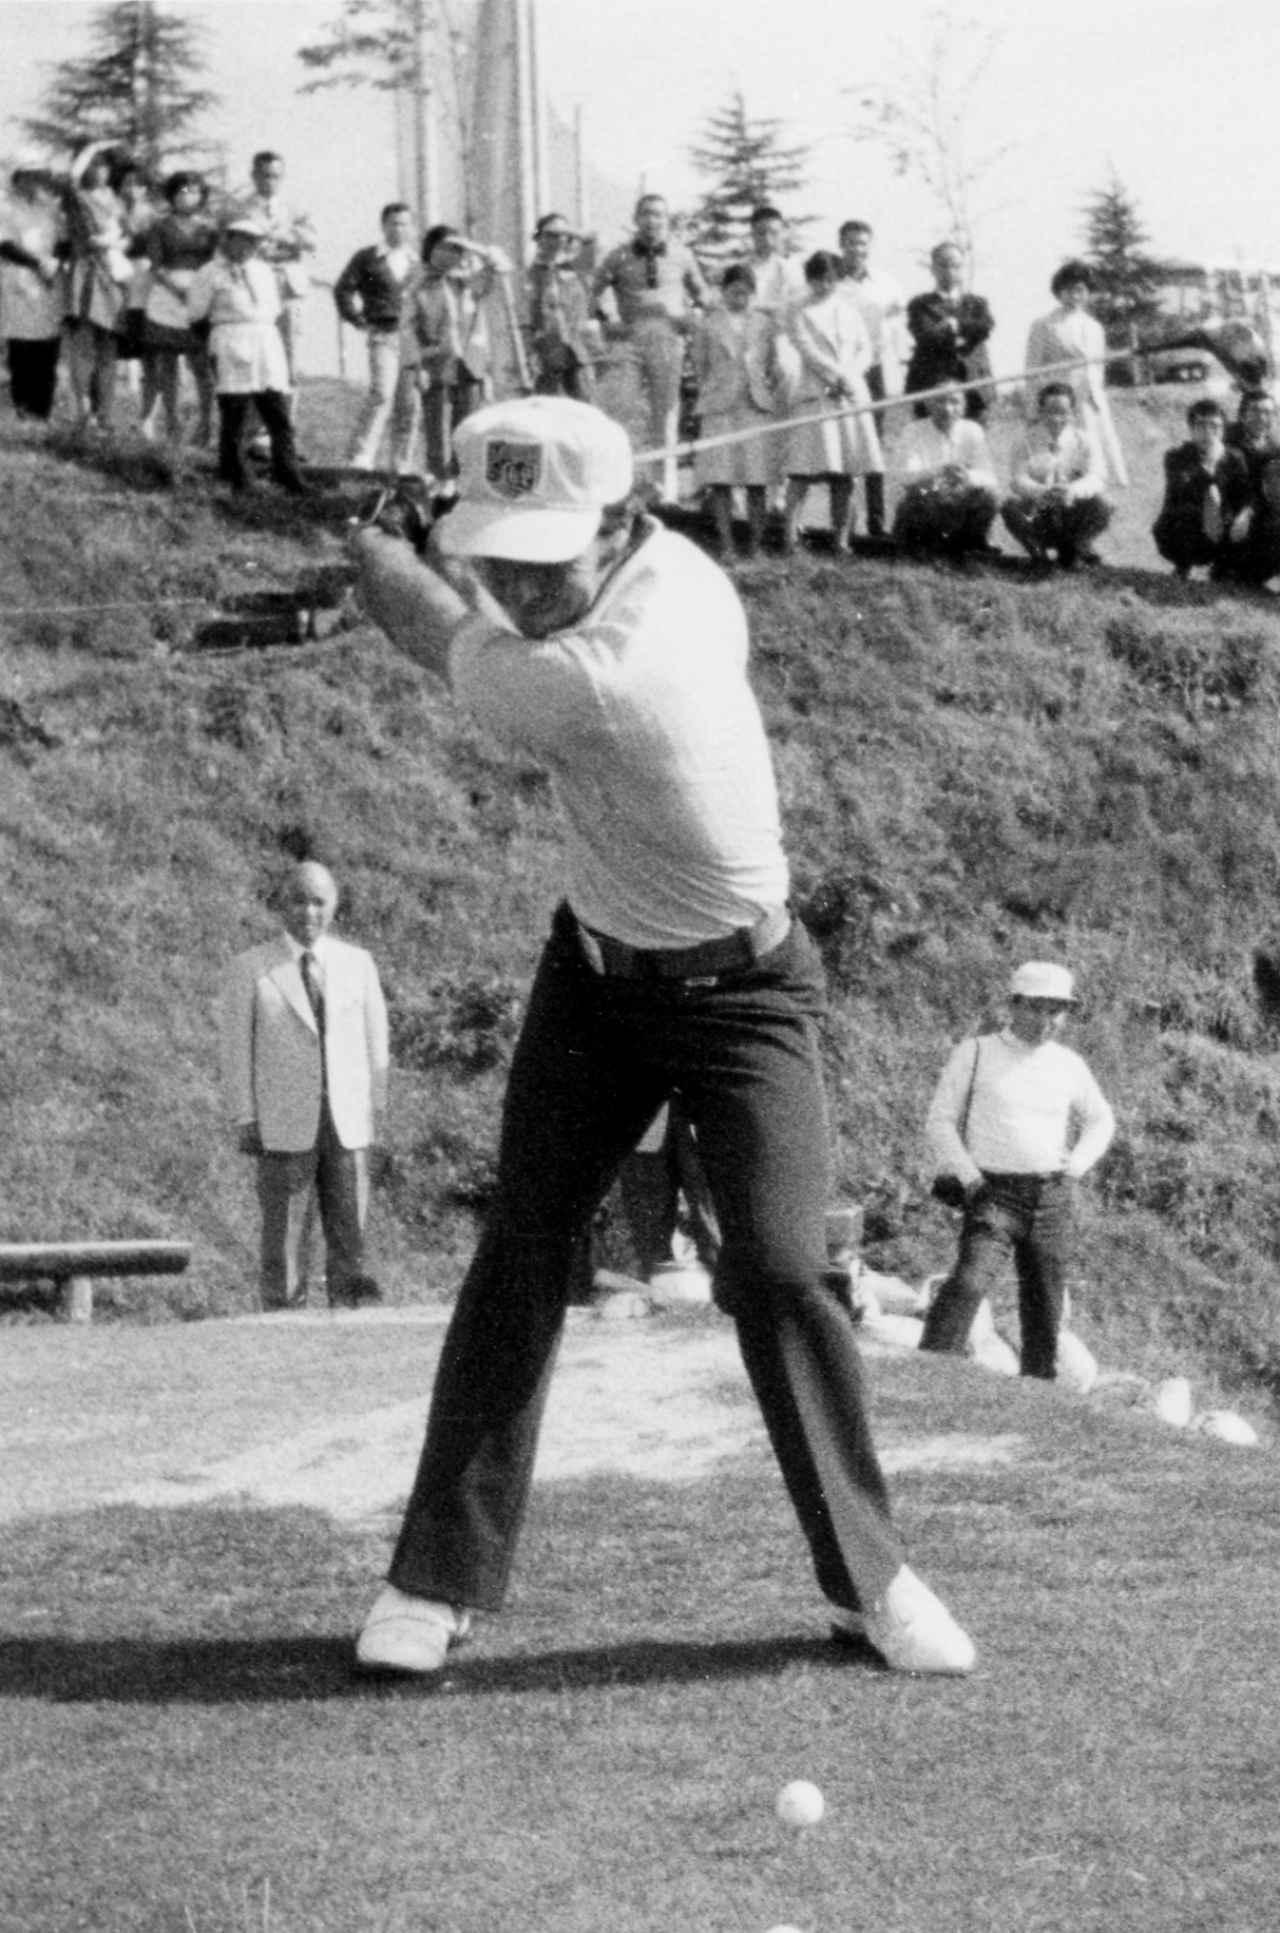 画像3: 【南アのゴルフ遺伝子Vol.2】ゲーリー・プレーヤーに学ぶこと